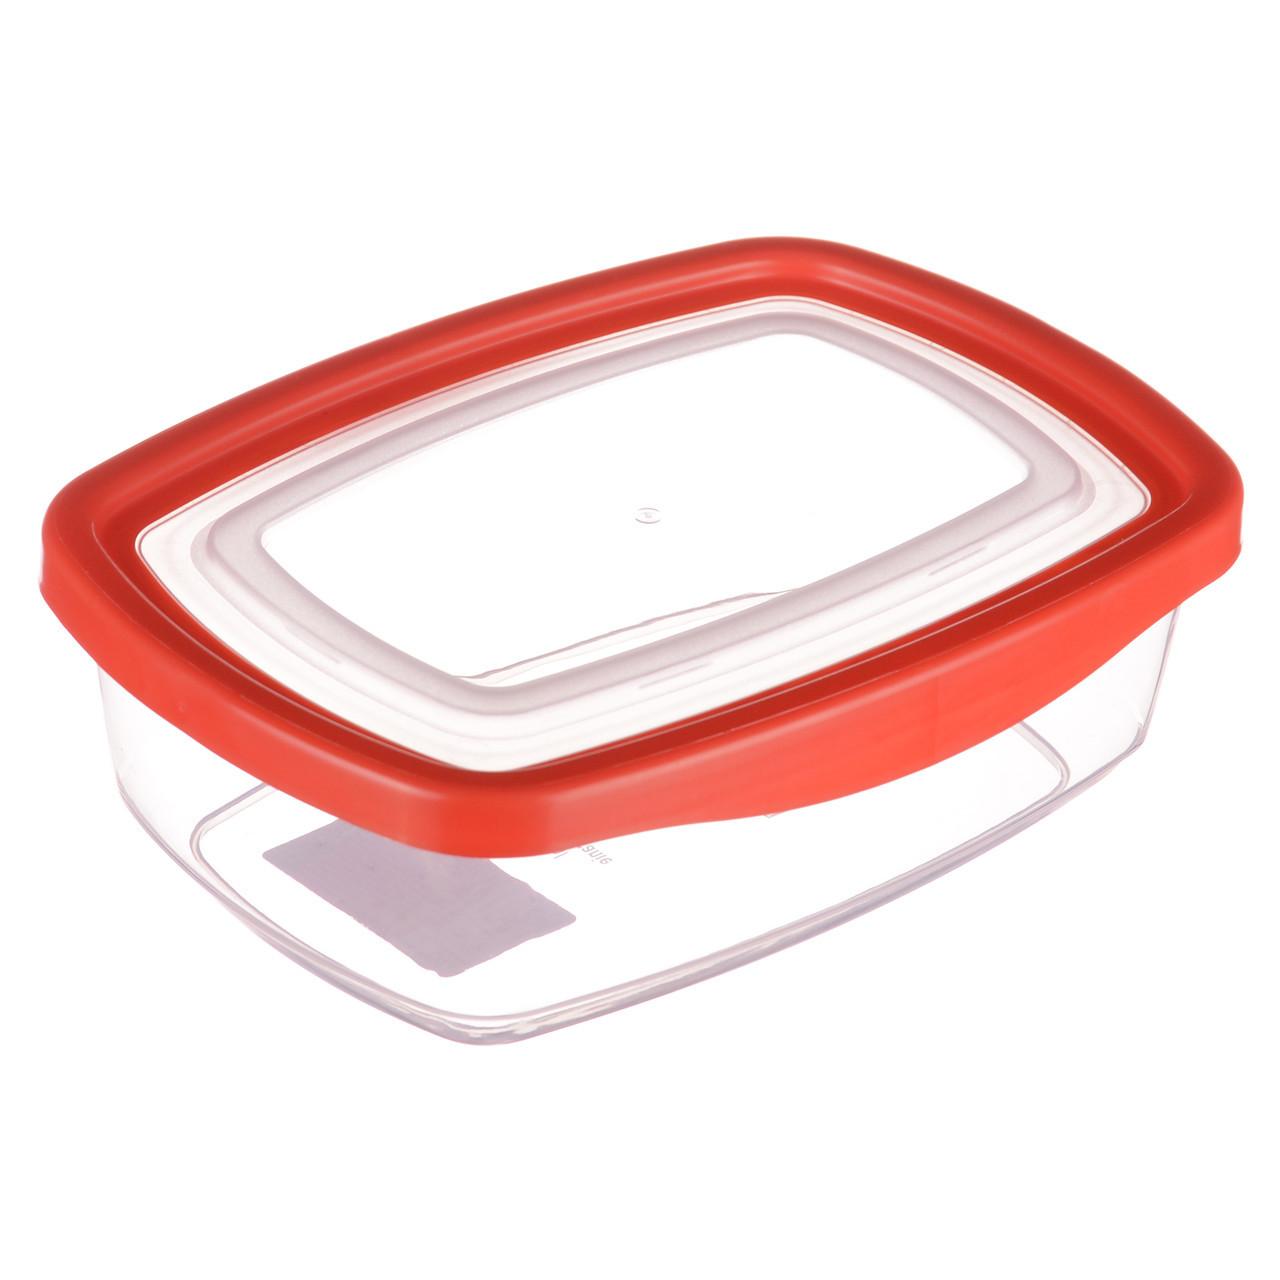 Пластиковый прямоугольный судок для пищи с плотной крышкой Keeper 1.1 л